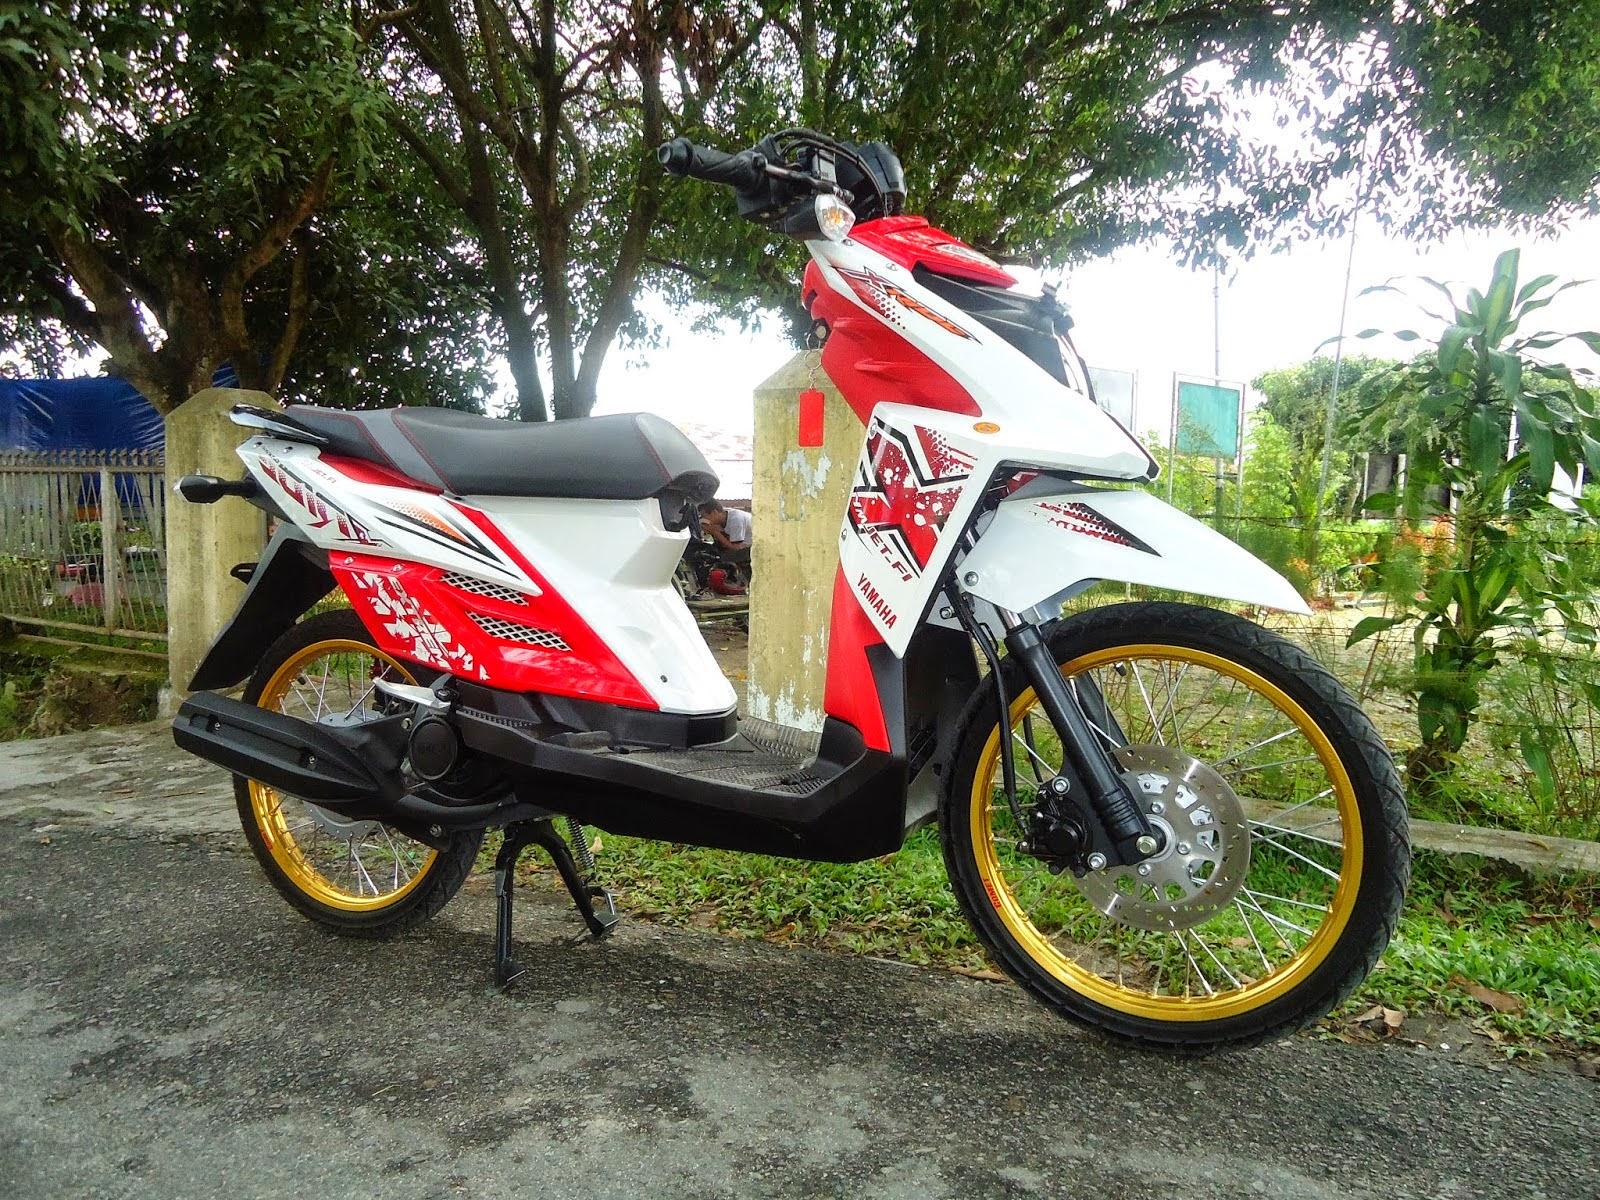 Modifikasi X Ride Ring Motor Yamaha Terbaru Galeri Gambar Foto